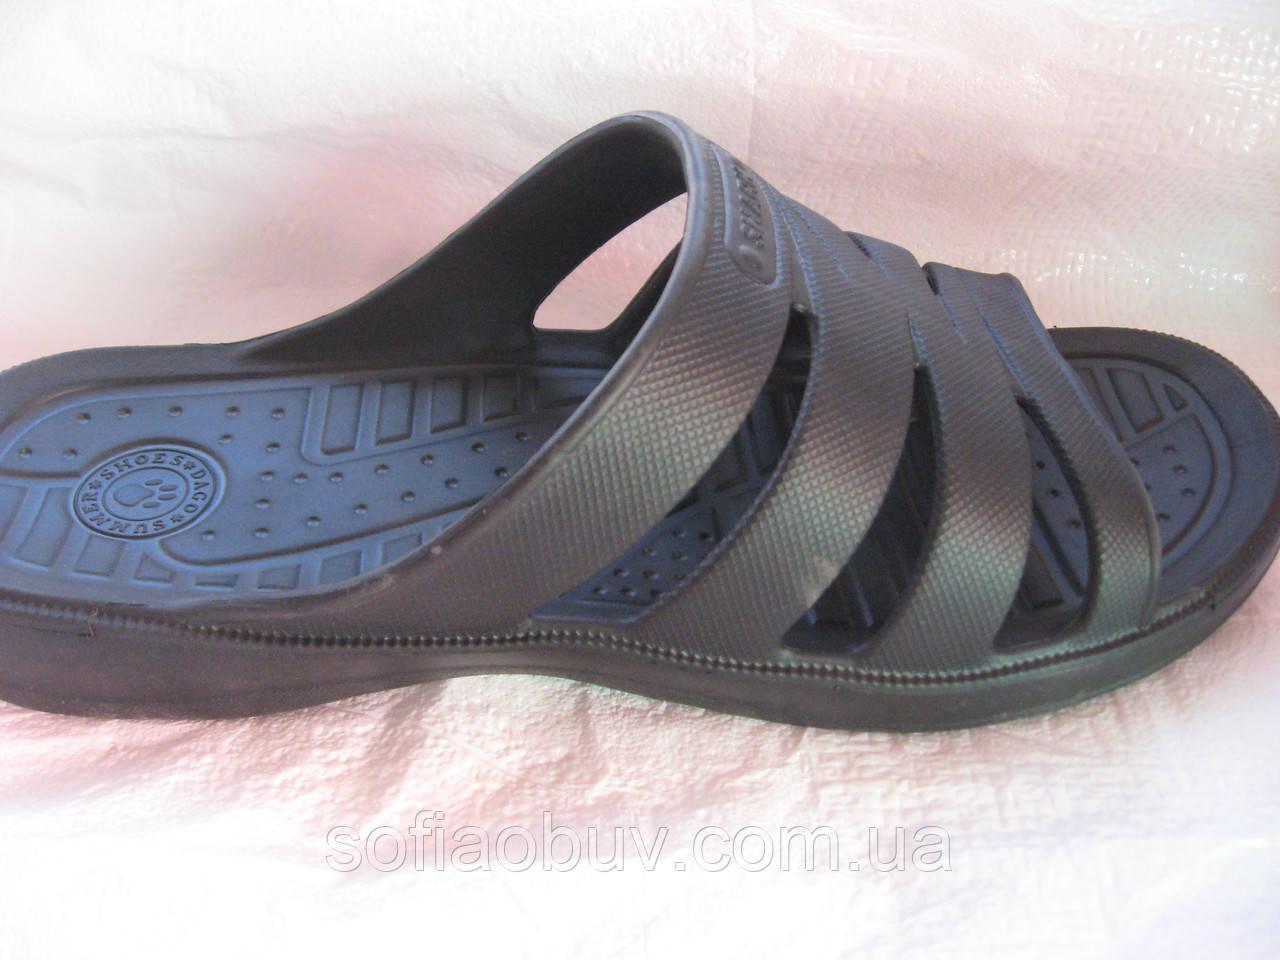 35fca37f416e Сланцы мужские ЭВА, опт.  продажа, цена в Хмельницком. сандалии и ...